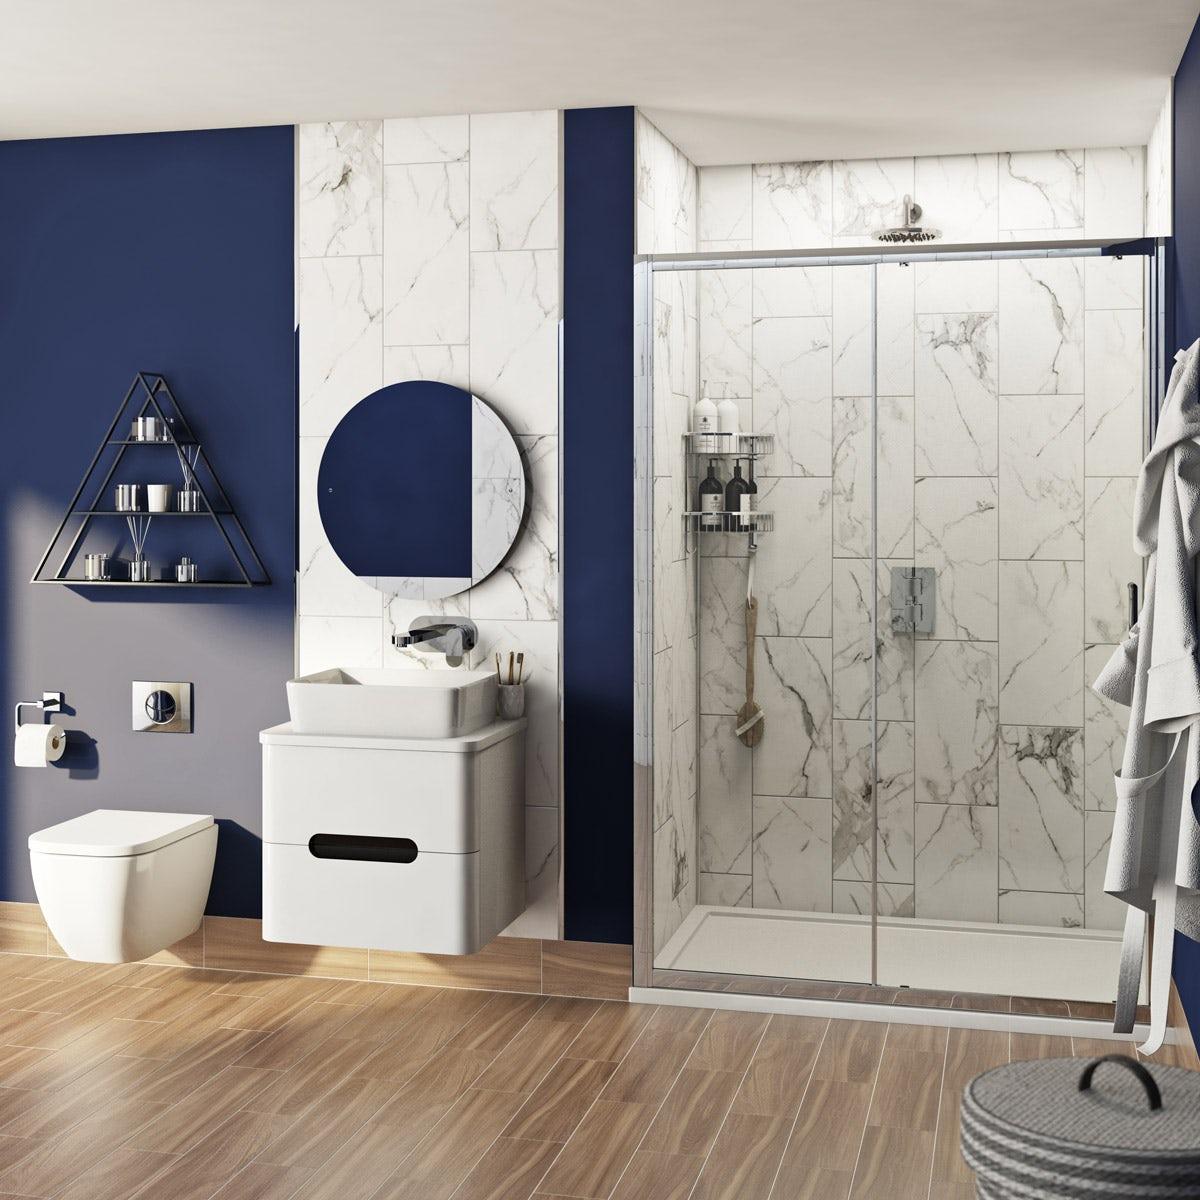 Mode Ellis Complete Bathroom Suite With Shower Door Tray